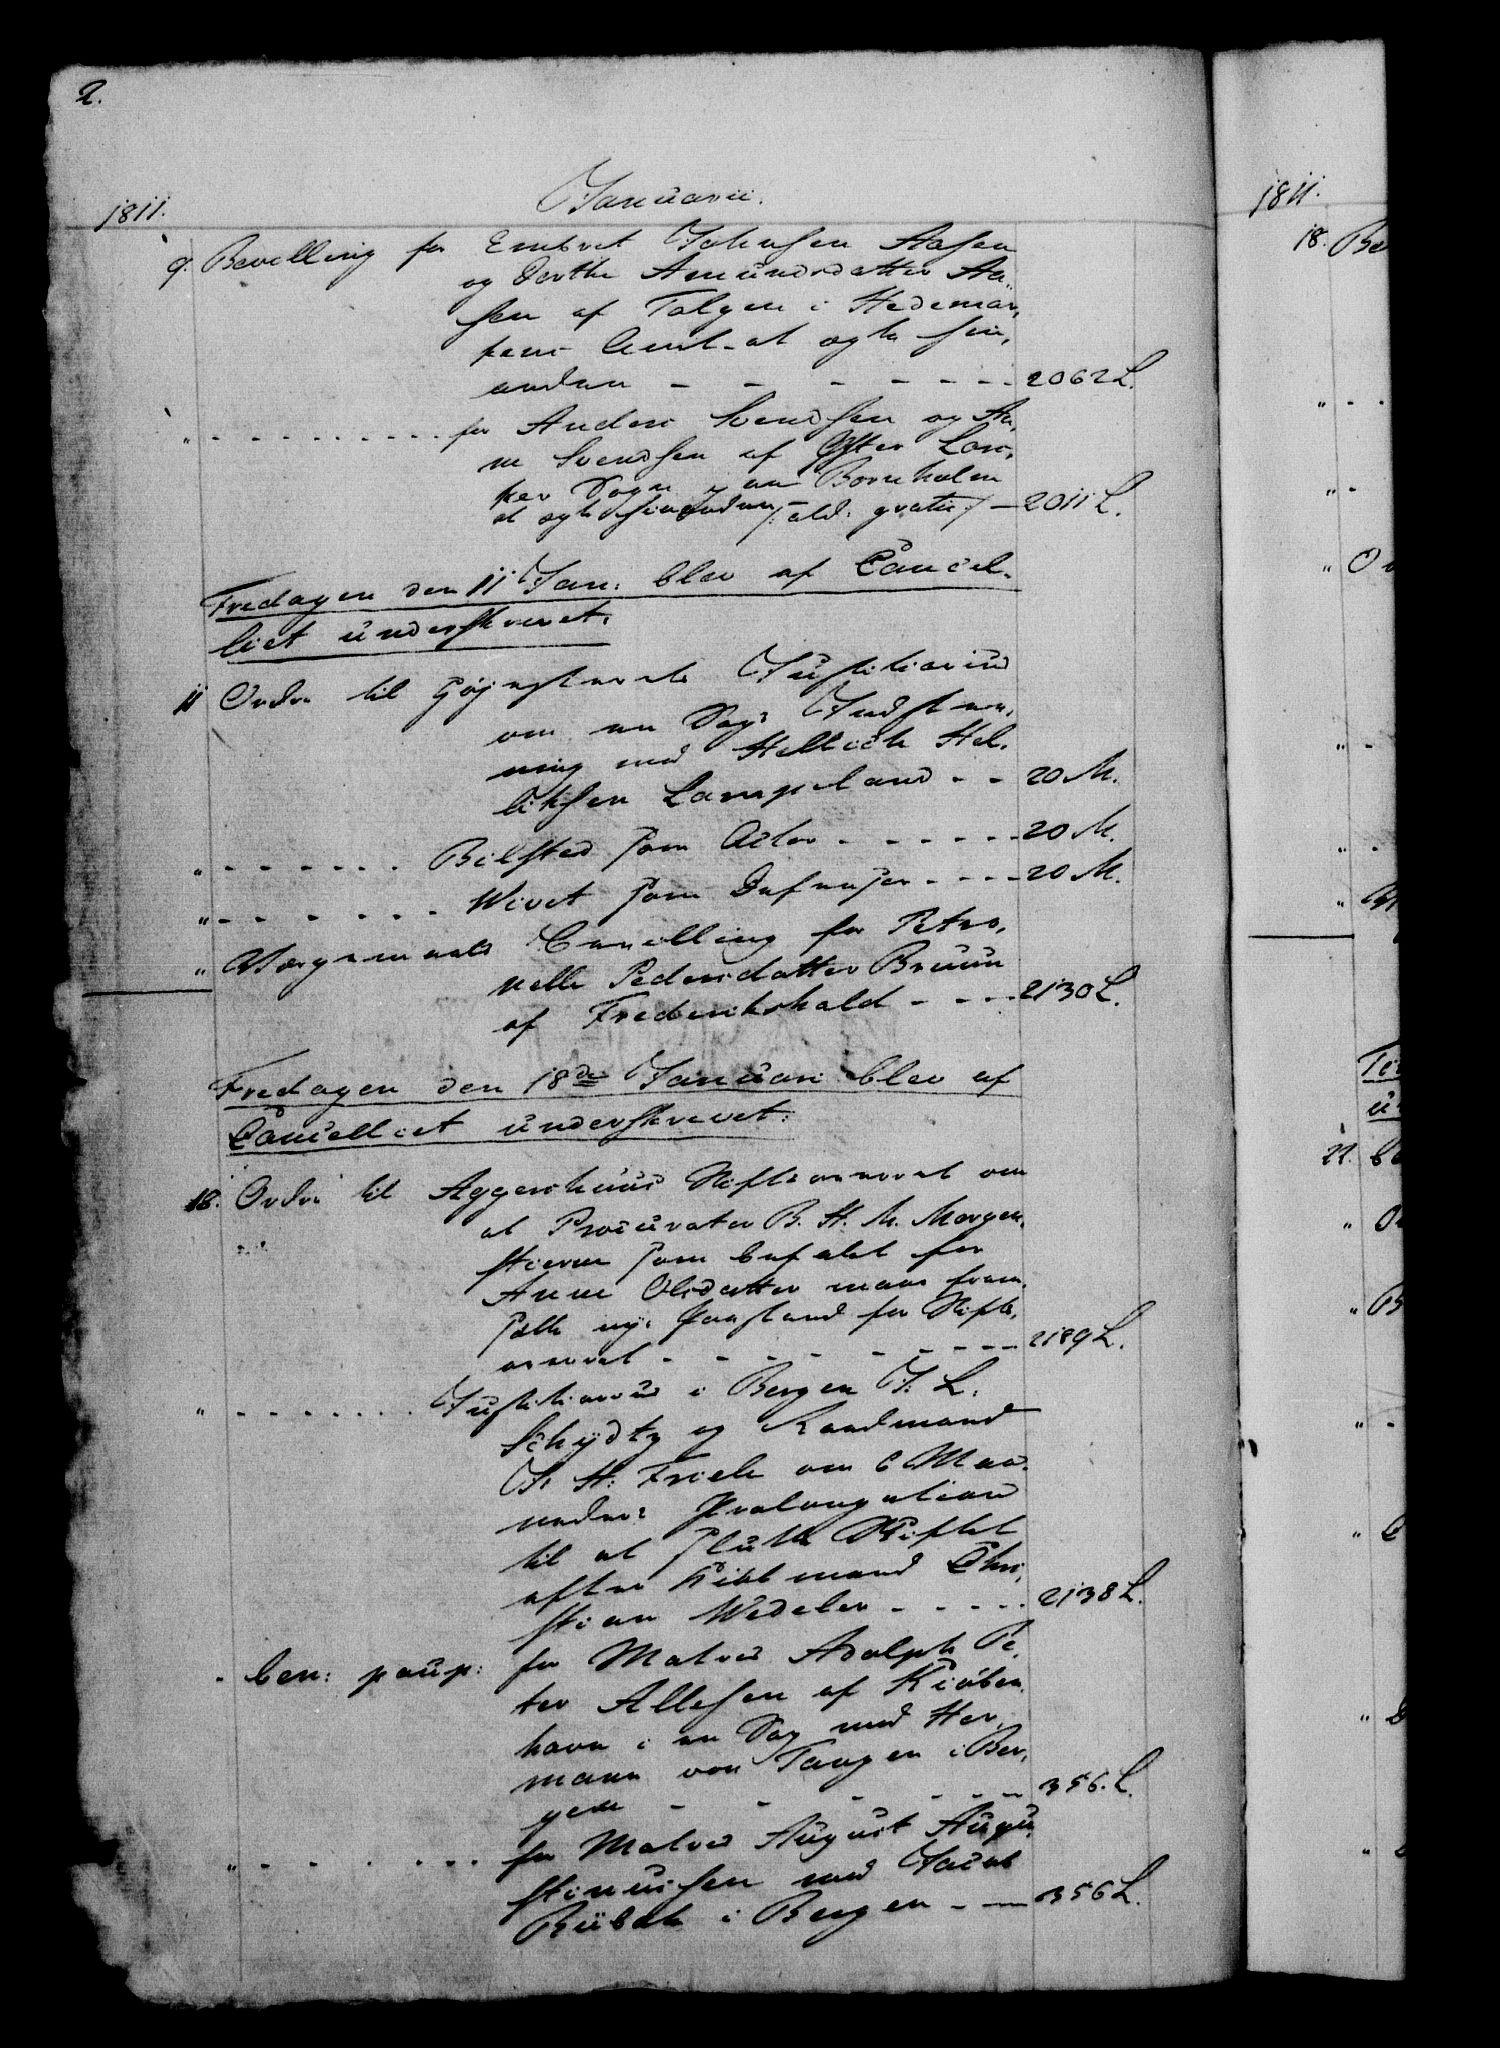 RA, Danske Kanselli 1800-1814, H/Hf/Hfb/Hfbc/L0012: Underskrivelsesbok m. register, 1811, s. 2